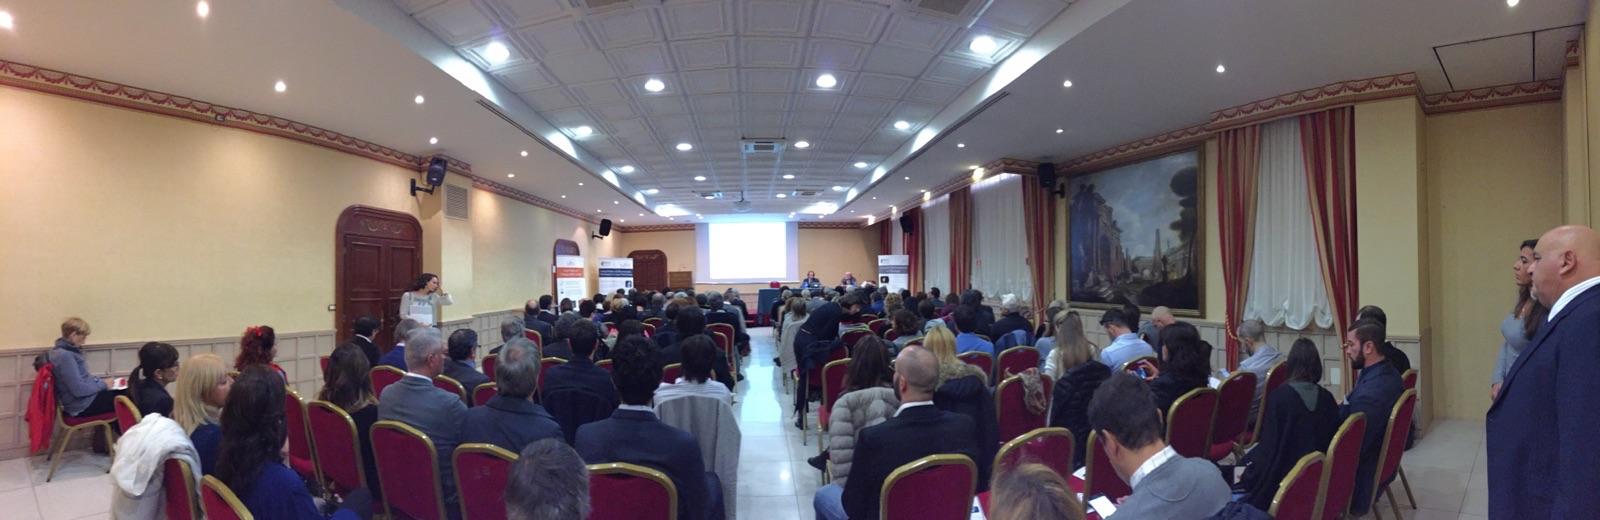 Convegno S.I.Tri 2015 Bologna Istituto Helvetico Sanders